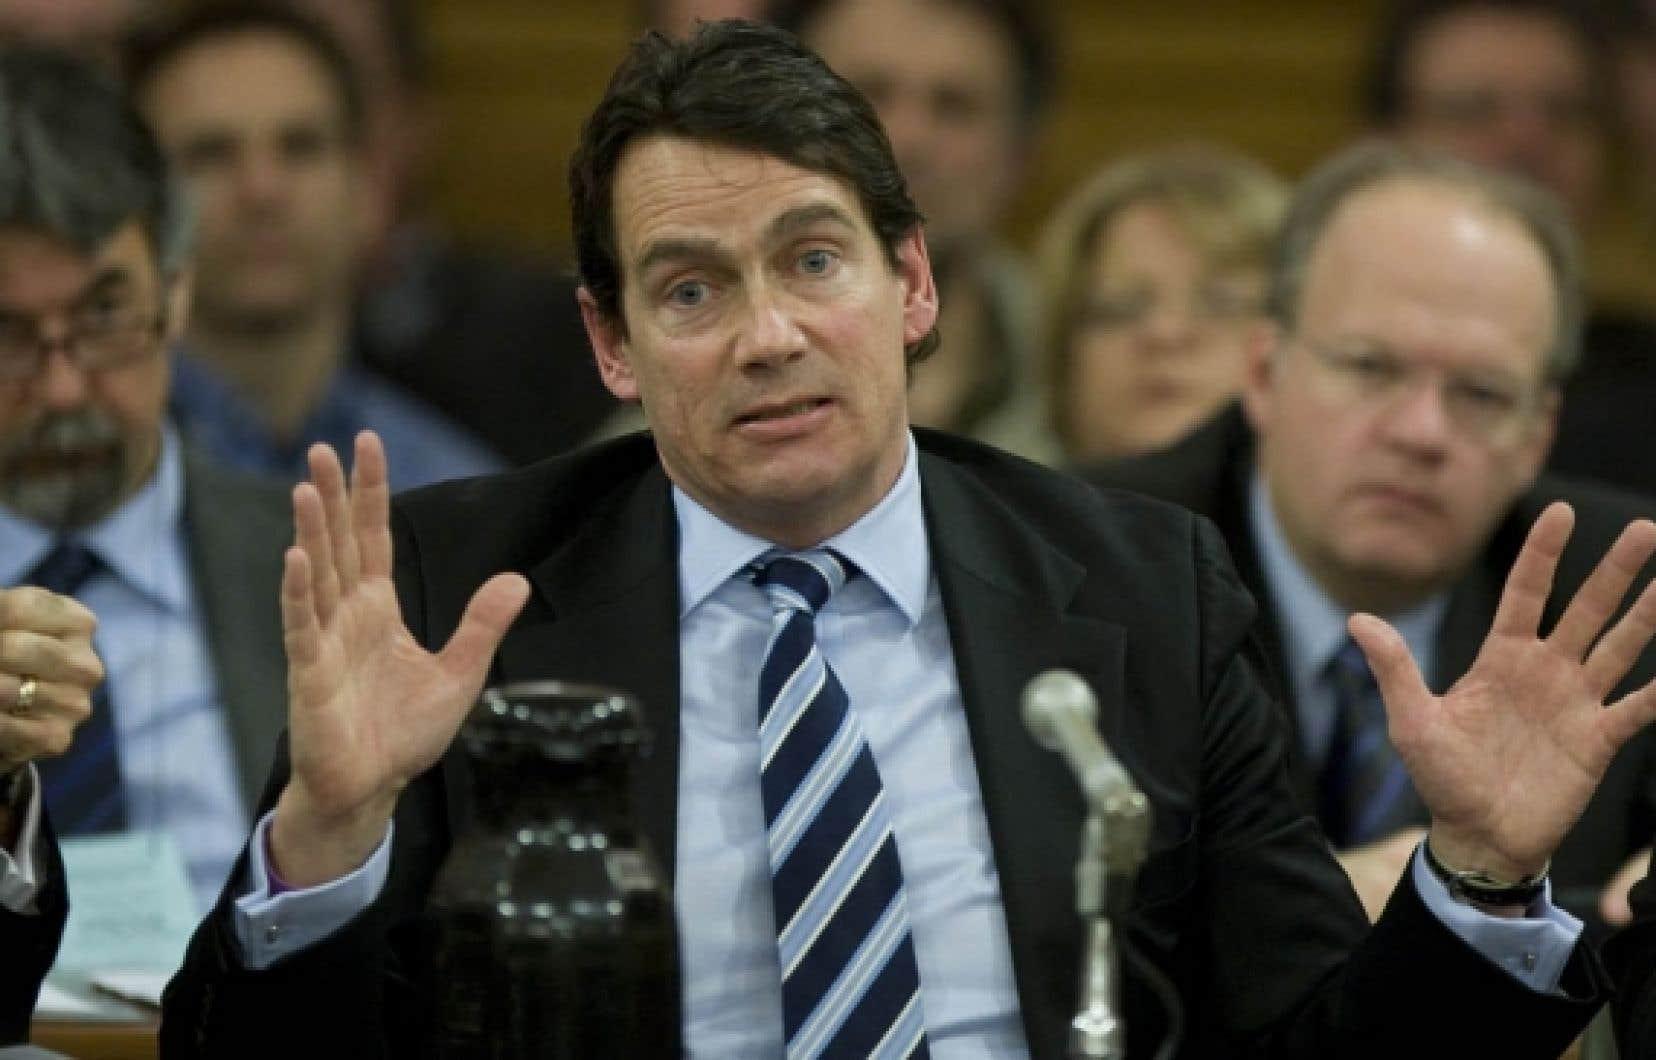 Pierre Karl Péladeau a comparu hier devant la Commission de l'économie et du travail, à Québec, qui se penche sur la «modernisation des dispositions antibriseurs de grève prévues au Code du travail».